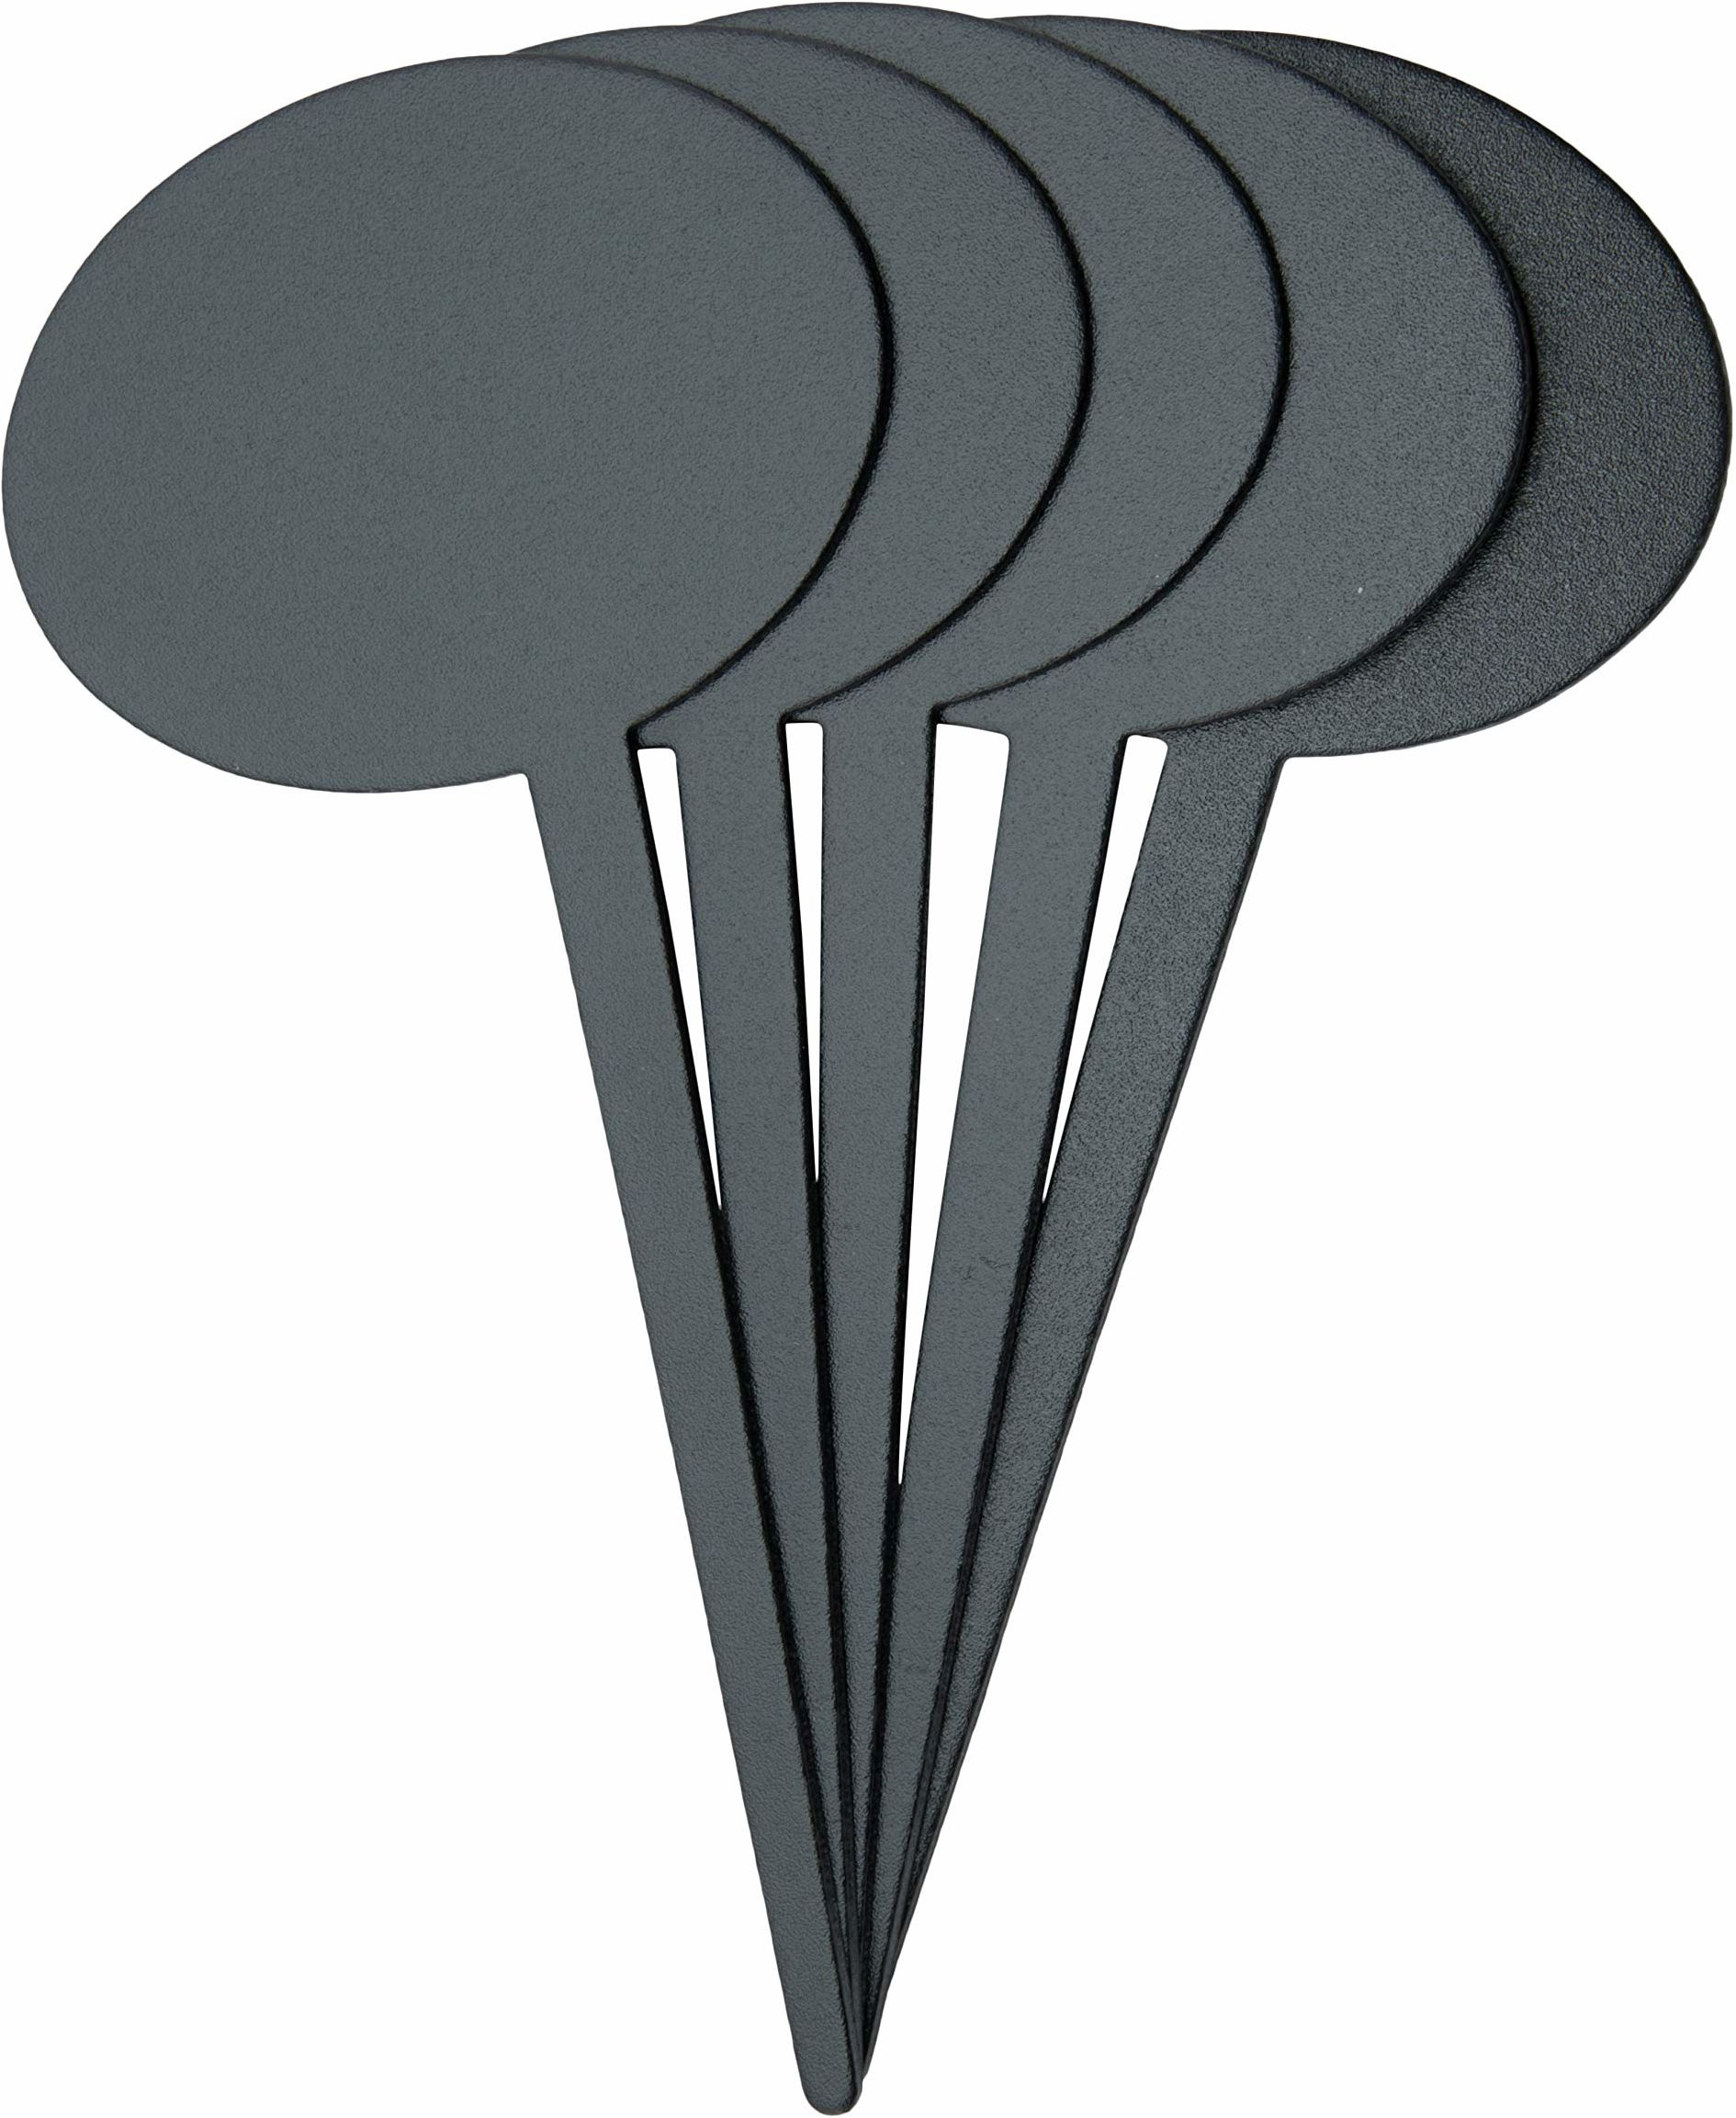 Securit sylwetka bańka kreda tablica z markerem kredy, zestaw 5 szt. (TAG-BUBBLE-5)